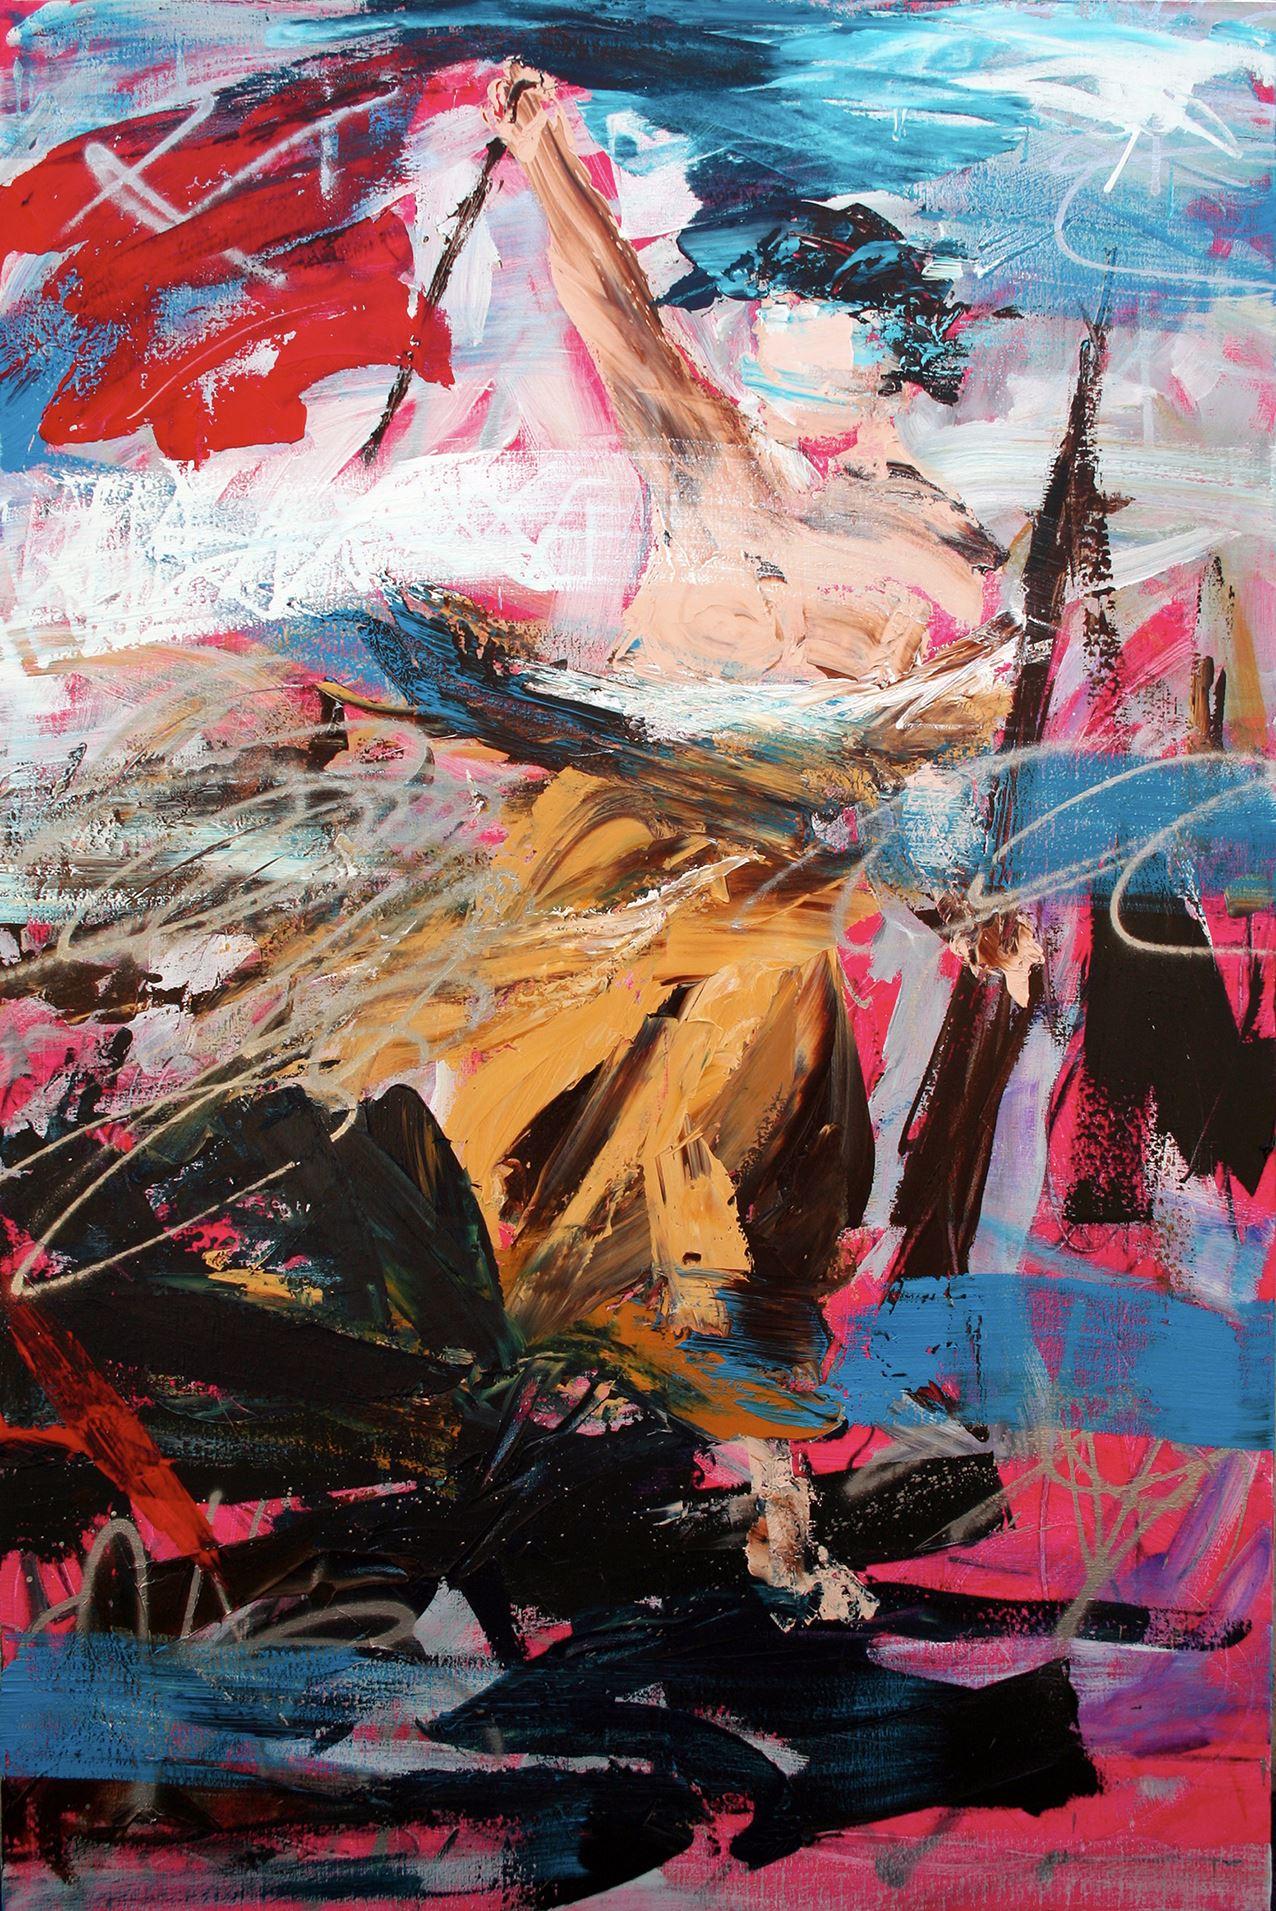 Spirit of Liberty  Peinture aérosol et acrylique sur toile 195 x 130 cm - (Eugène Delacroix, La Liberté guidant le peuple) © Éric Citerne